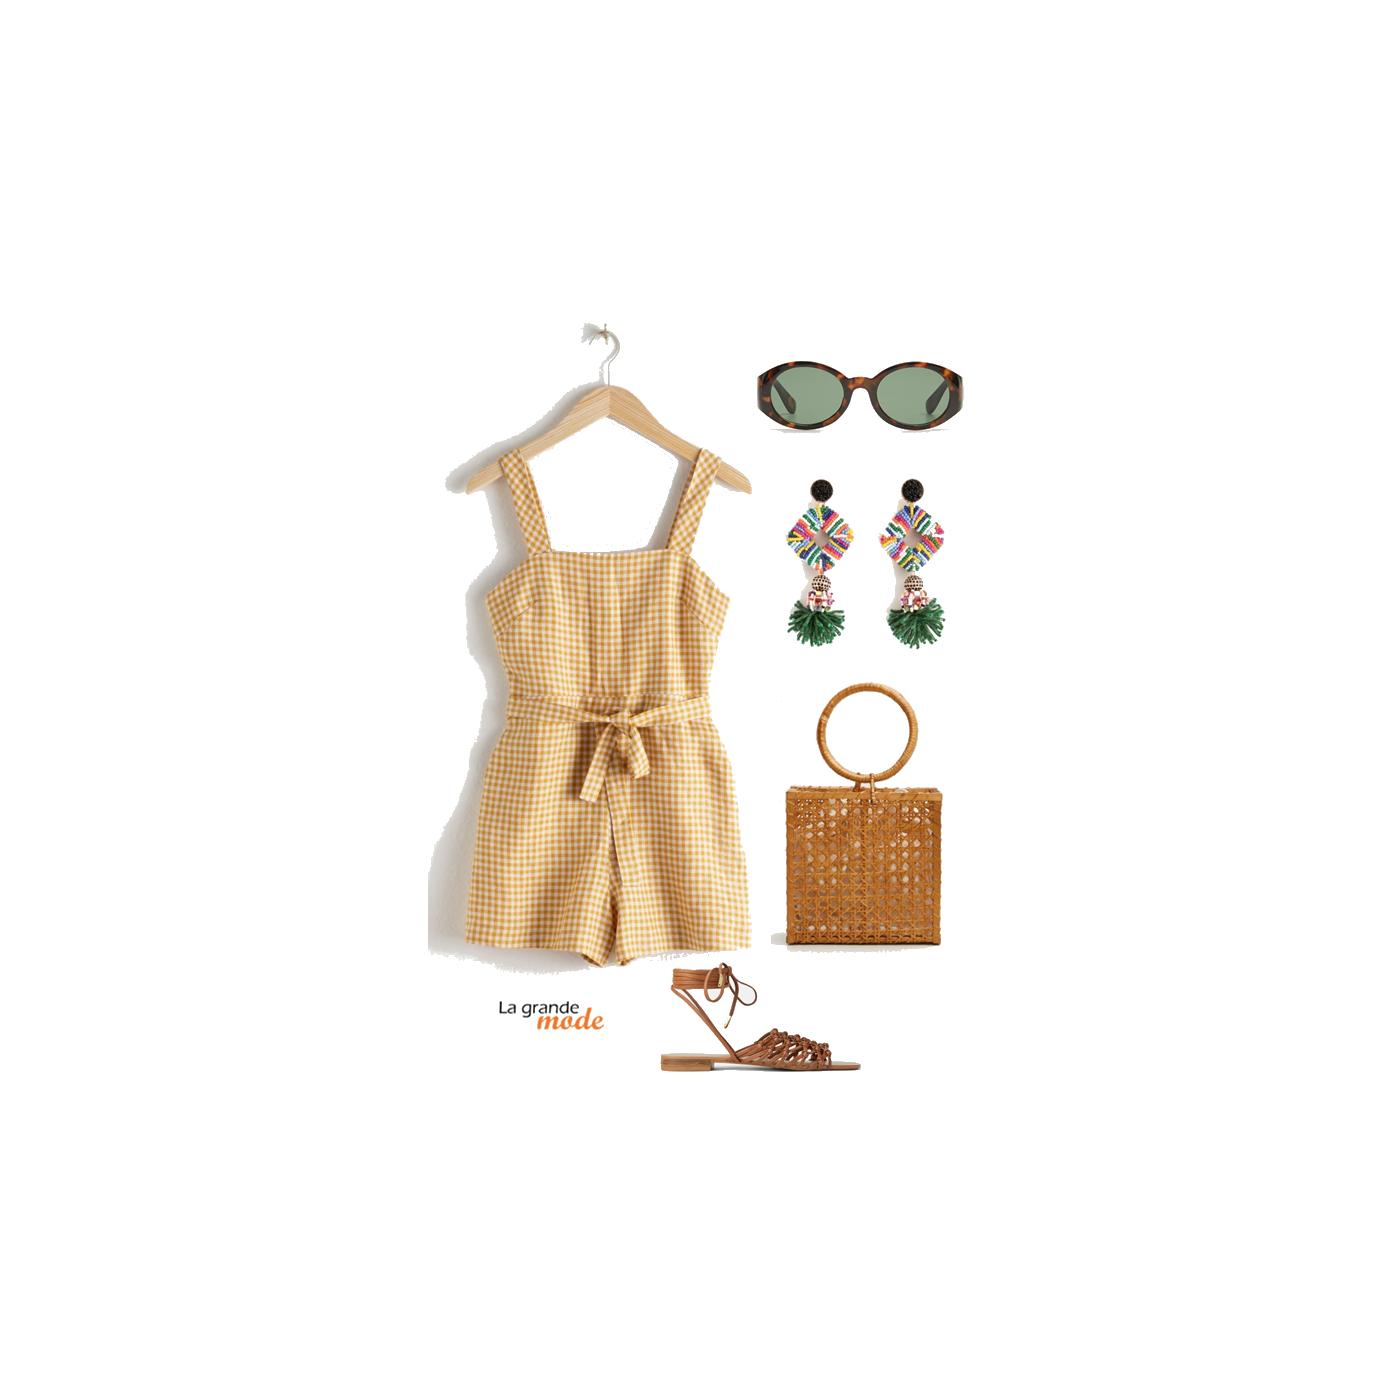 La Grande Mode - Idée look combishort et boucles d'oreilles pendantes - Tendance Mode printemps été 2019 - SS2019 - SS19